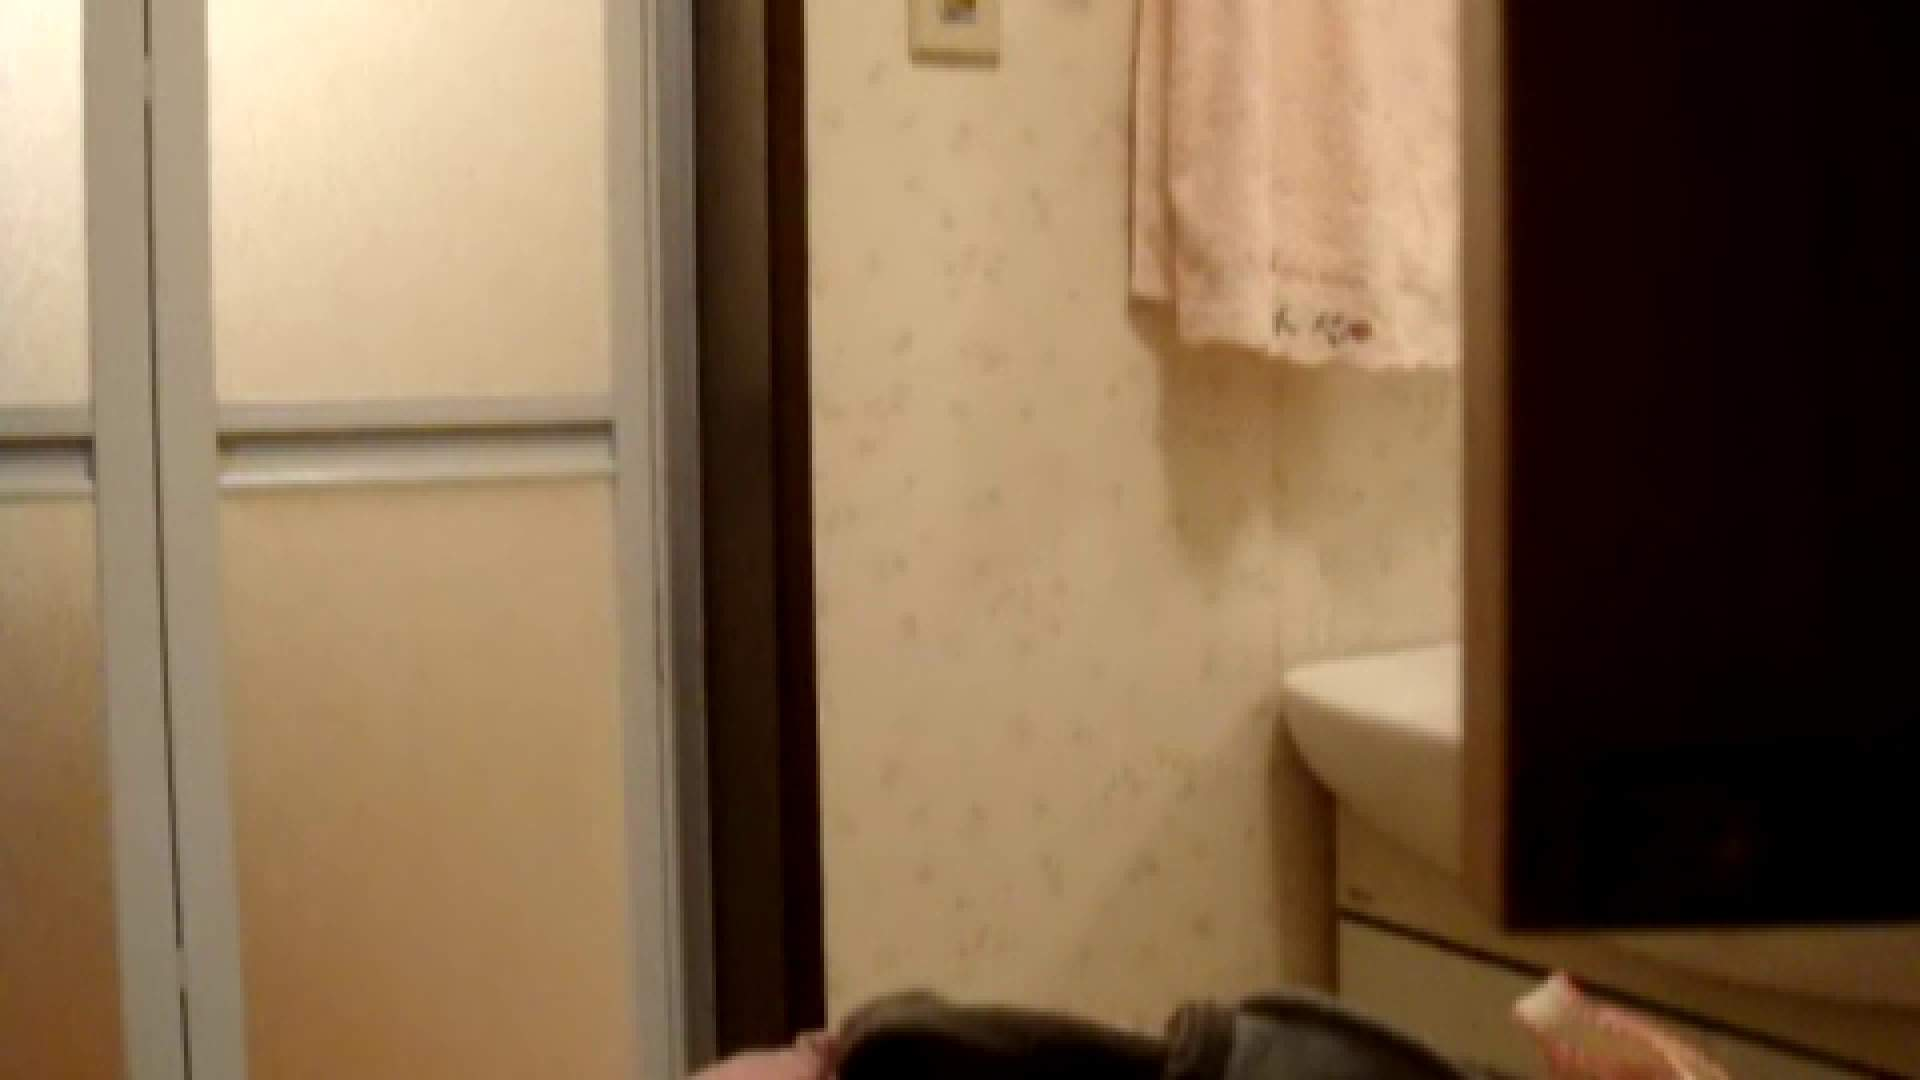 二人とも育てた甲斐がありました… vol.08 まどかの入浴中にカメラに気付いたか!? 入浴特集  9枚 8